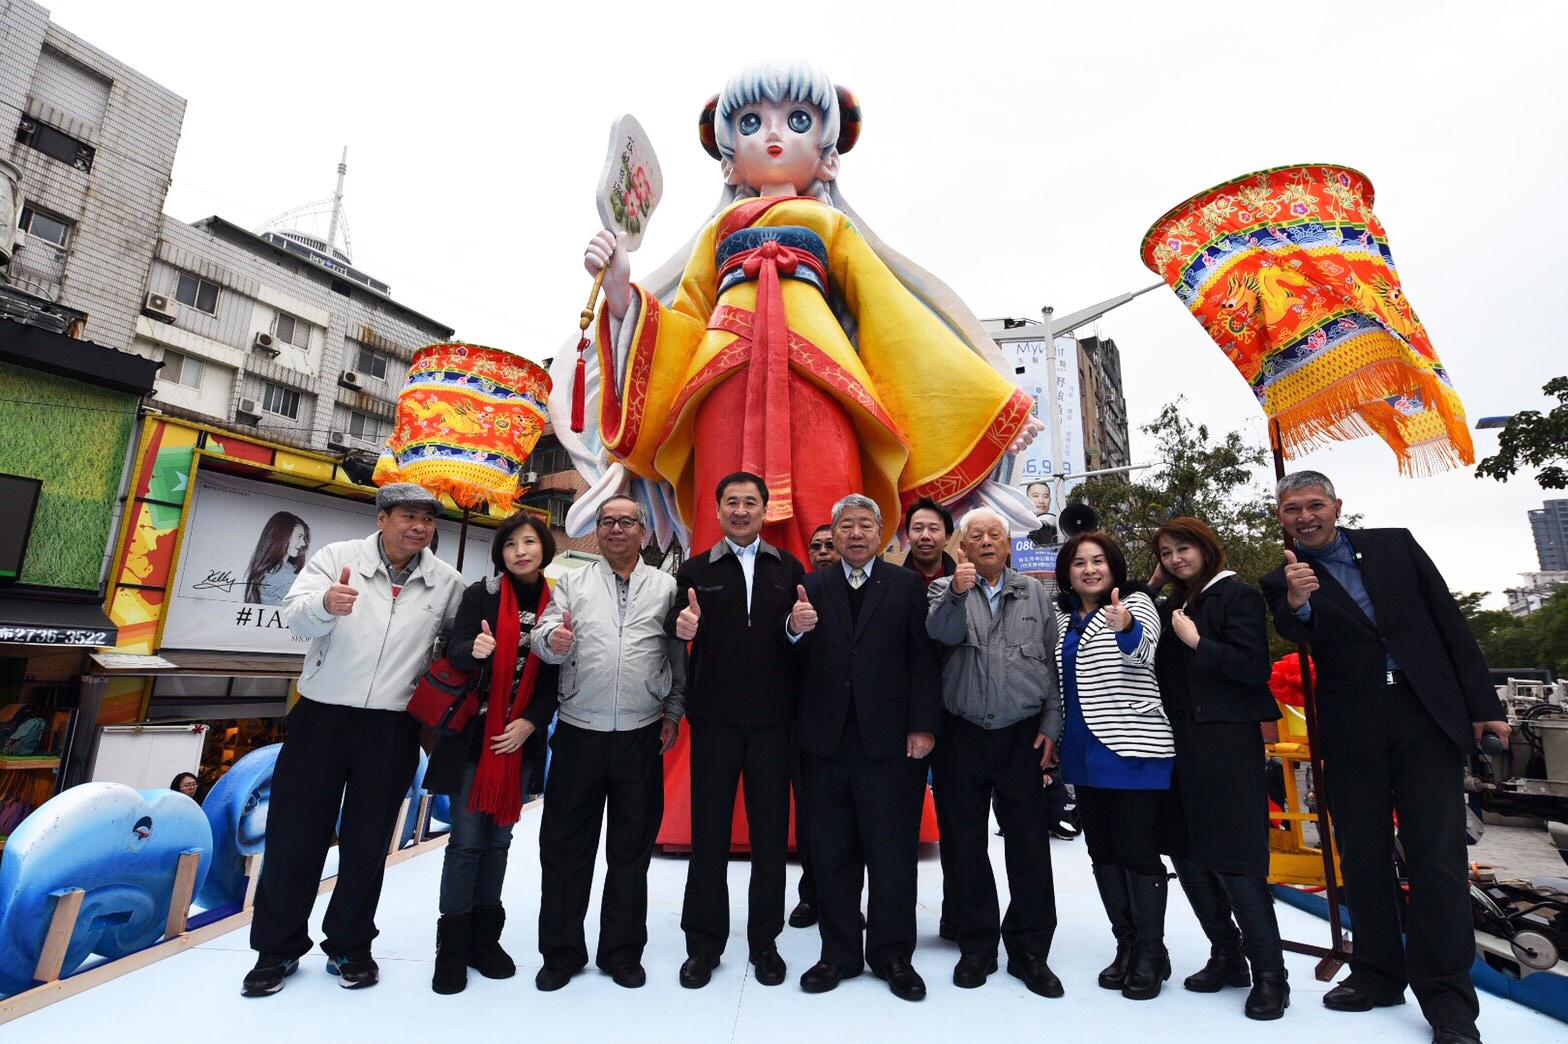 臺北燈節大遊行,8公尺林默娘花車華麗壓軸